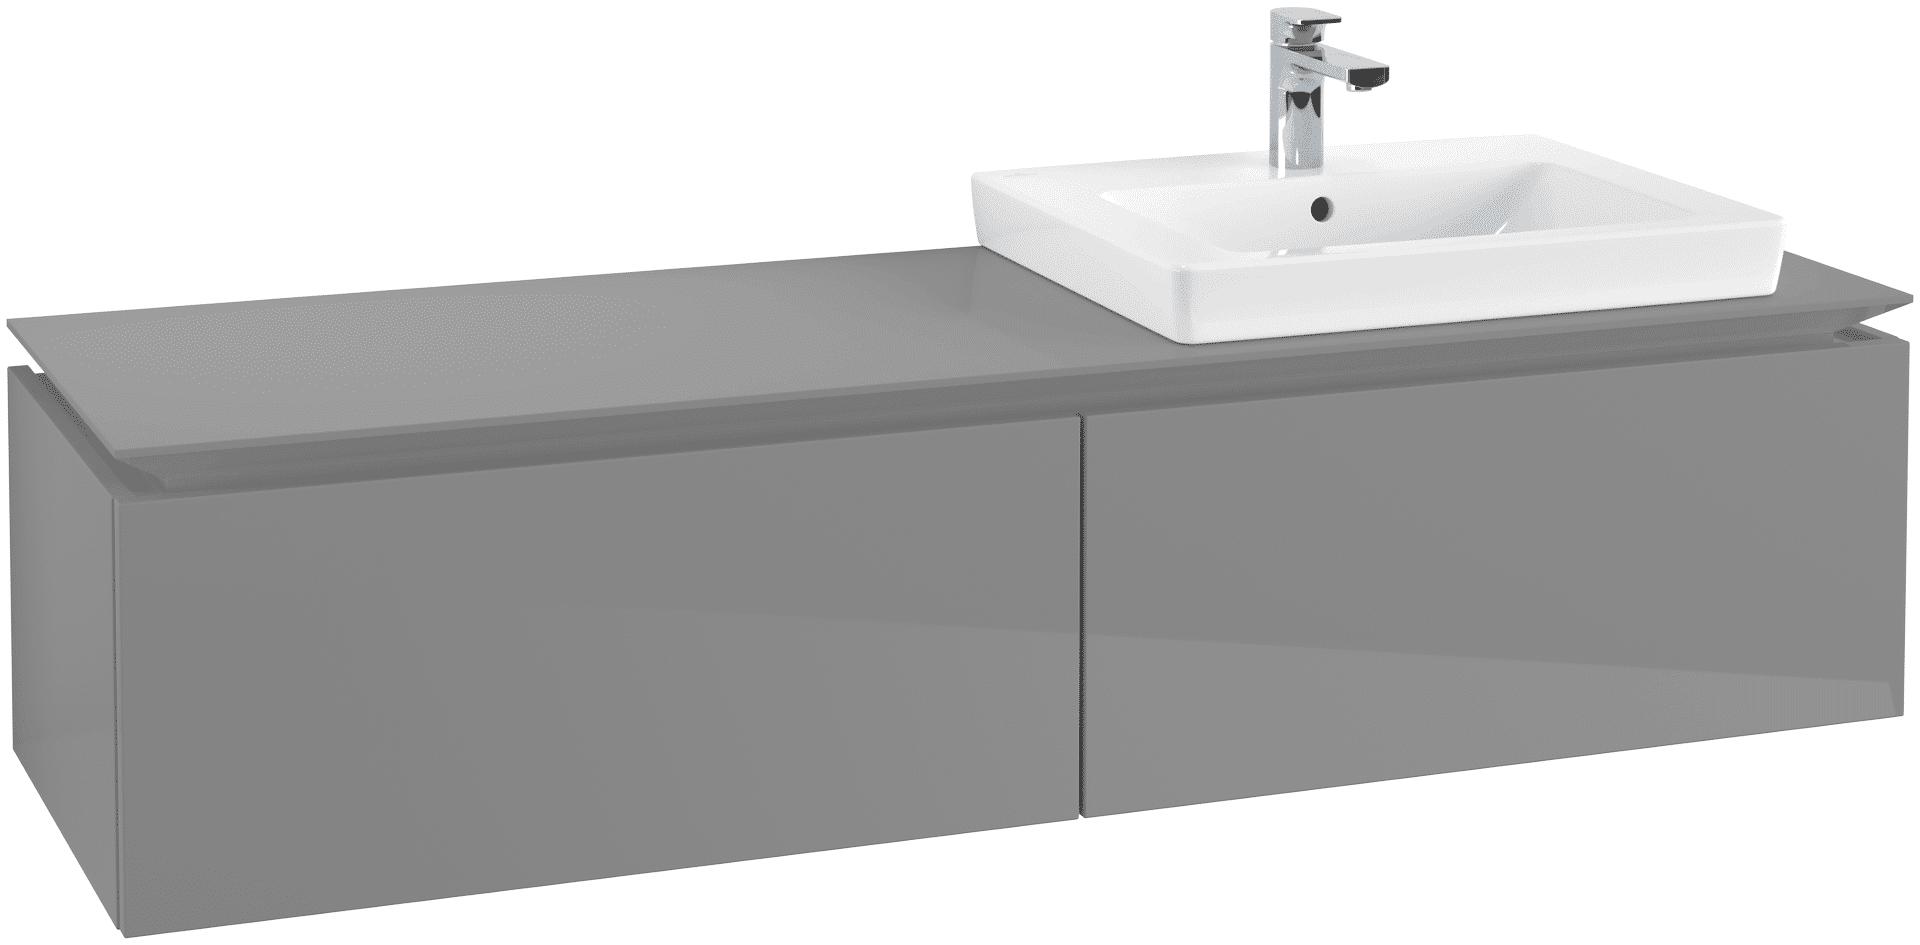 Villeroy & Boch Villeroy & Boch Legato - Meuble sous lavabo with 2 drawers & 1 cut-out right 1600 x 380 x 500mm gris lustré